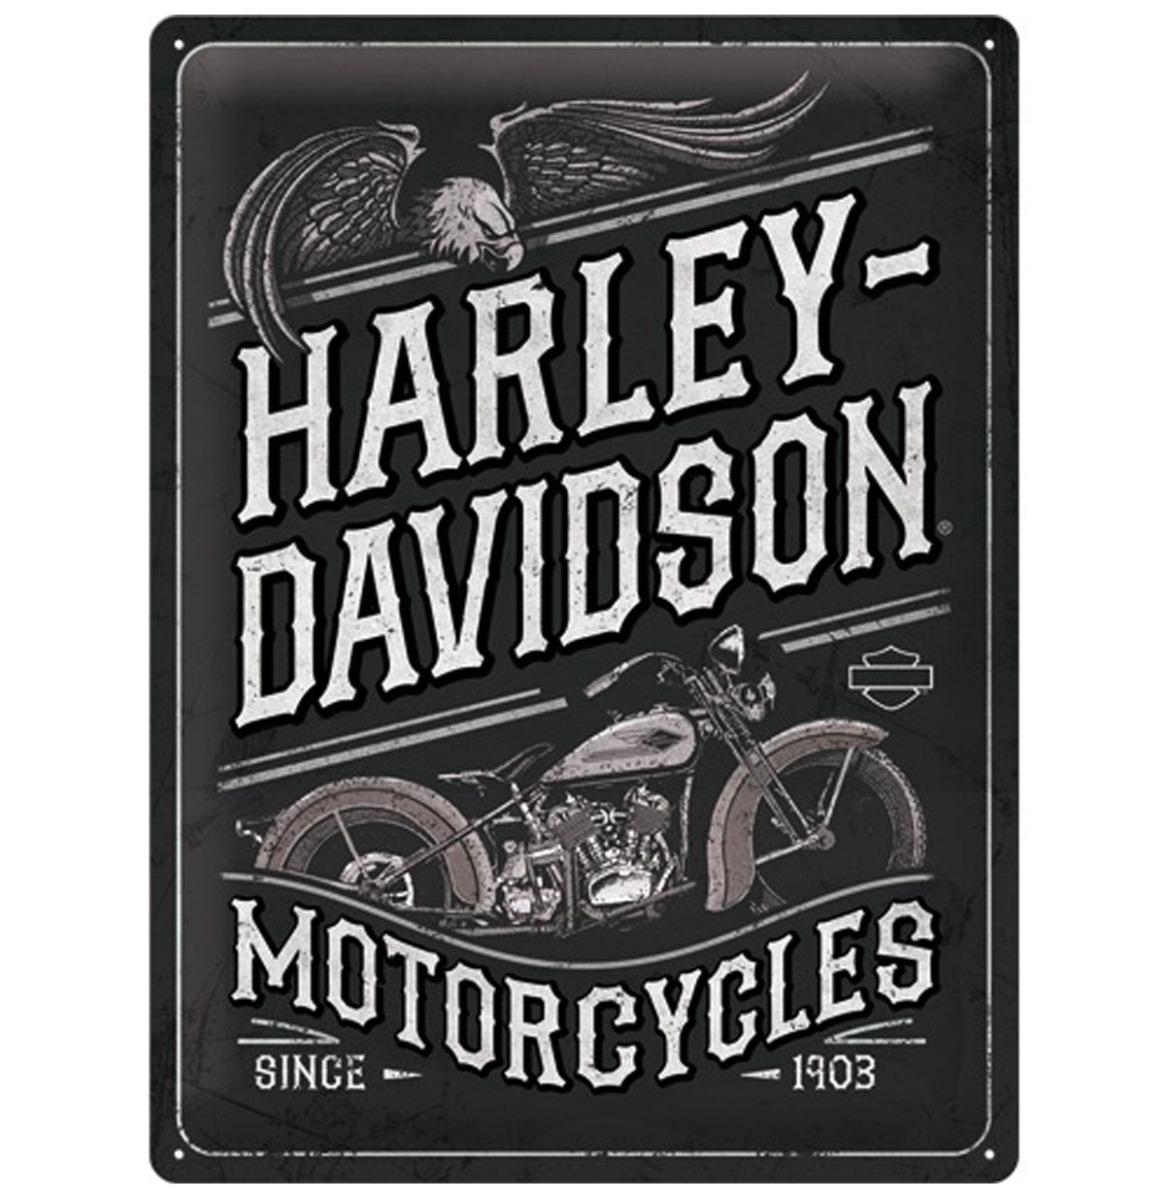 Harley-Davidson Motorcycles Adelaar Metalen Bord - 30 x 40 cm